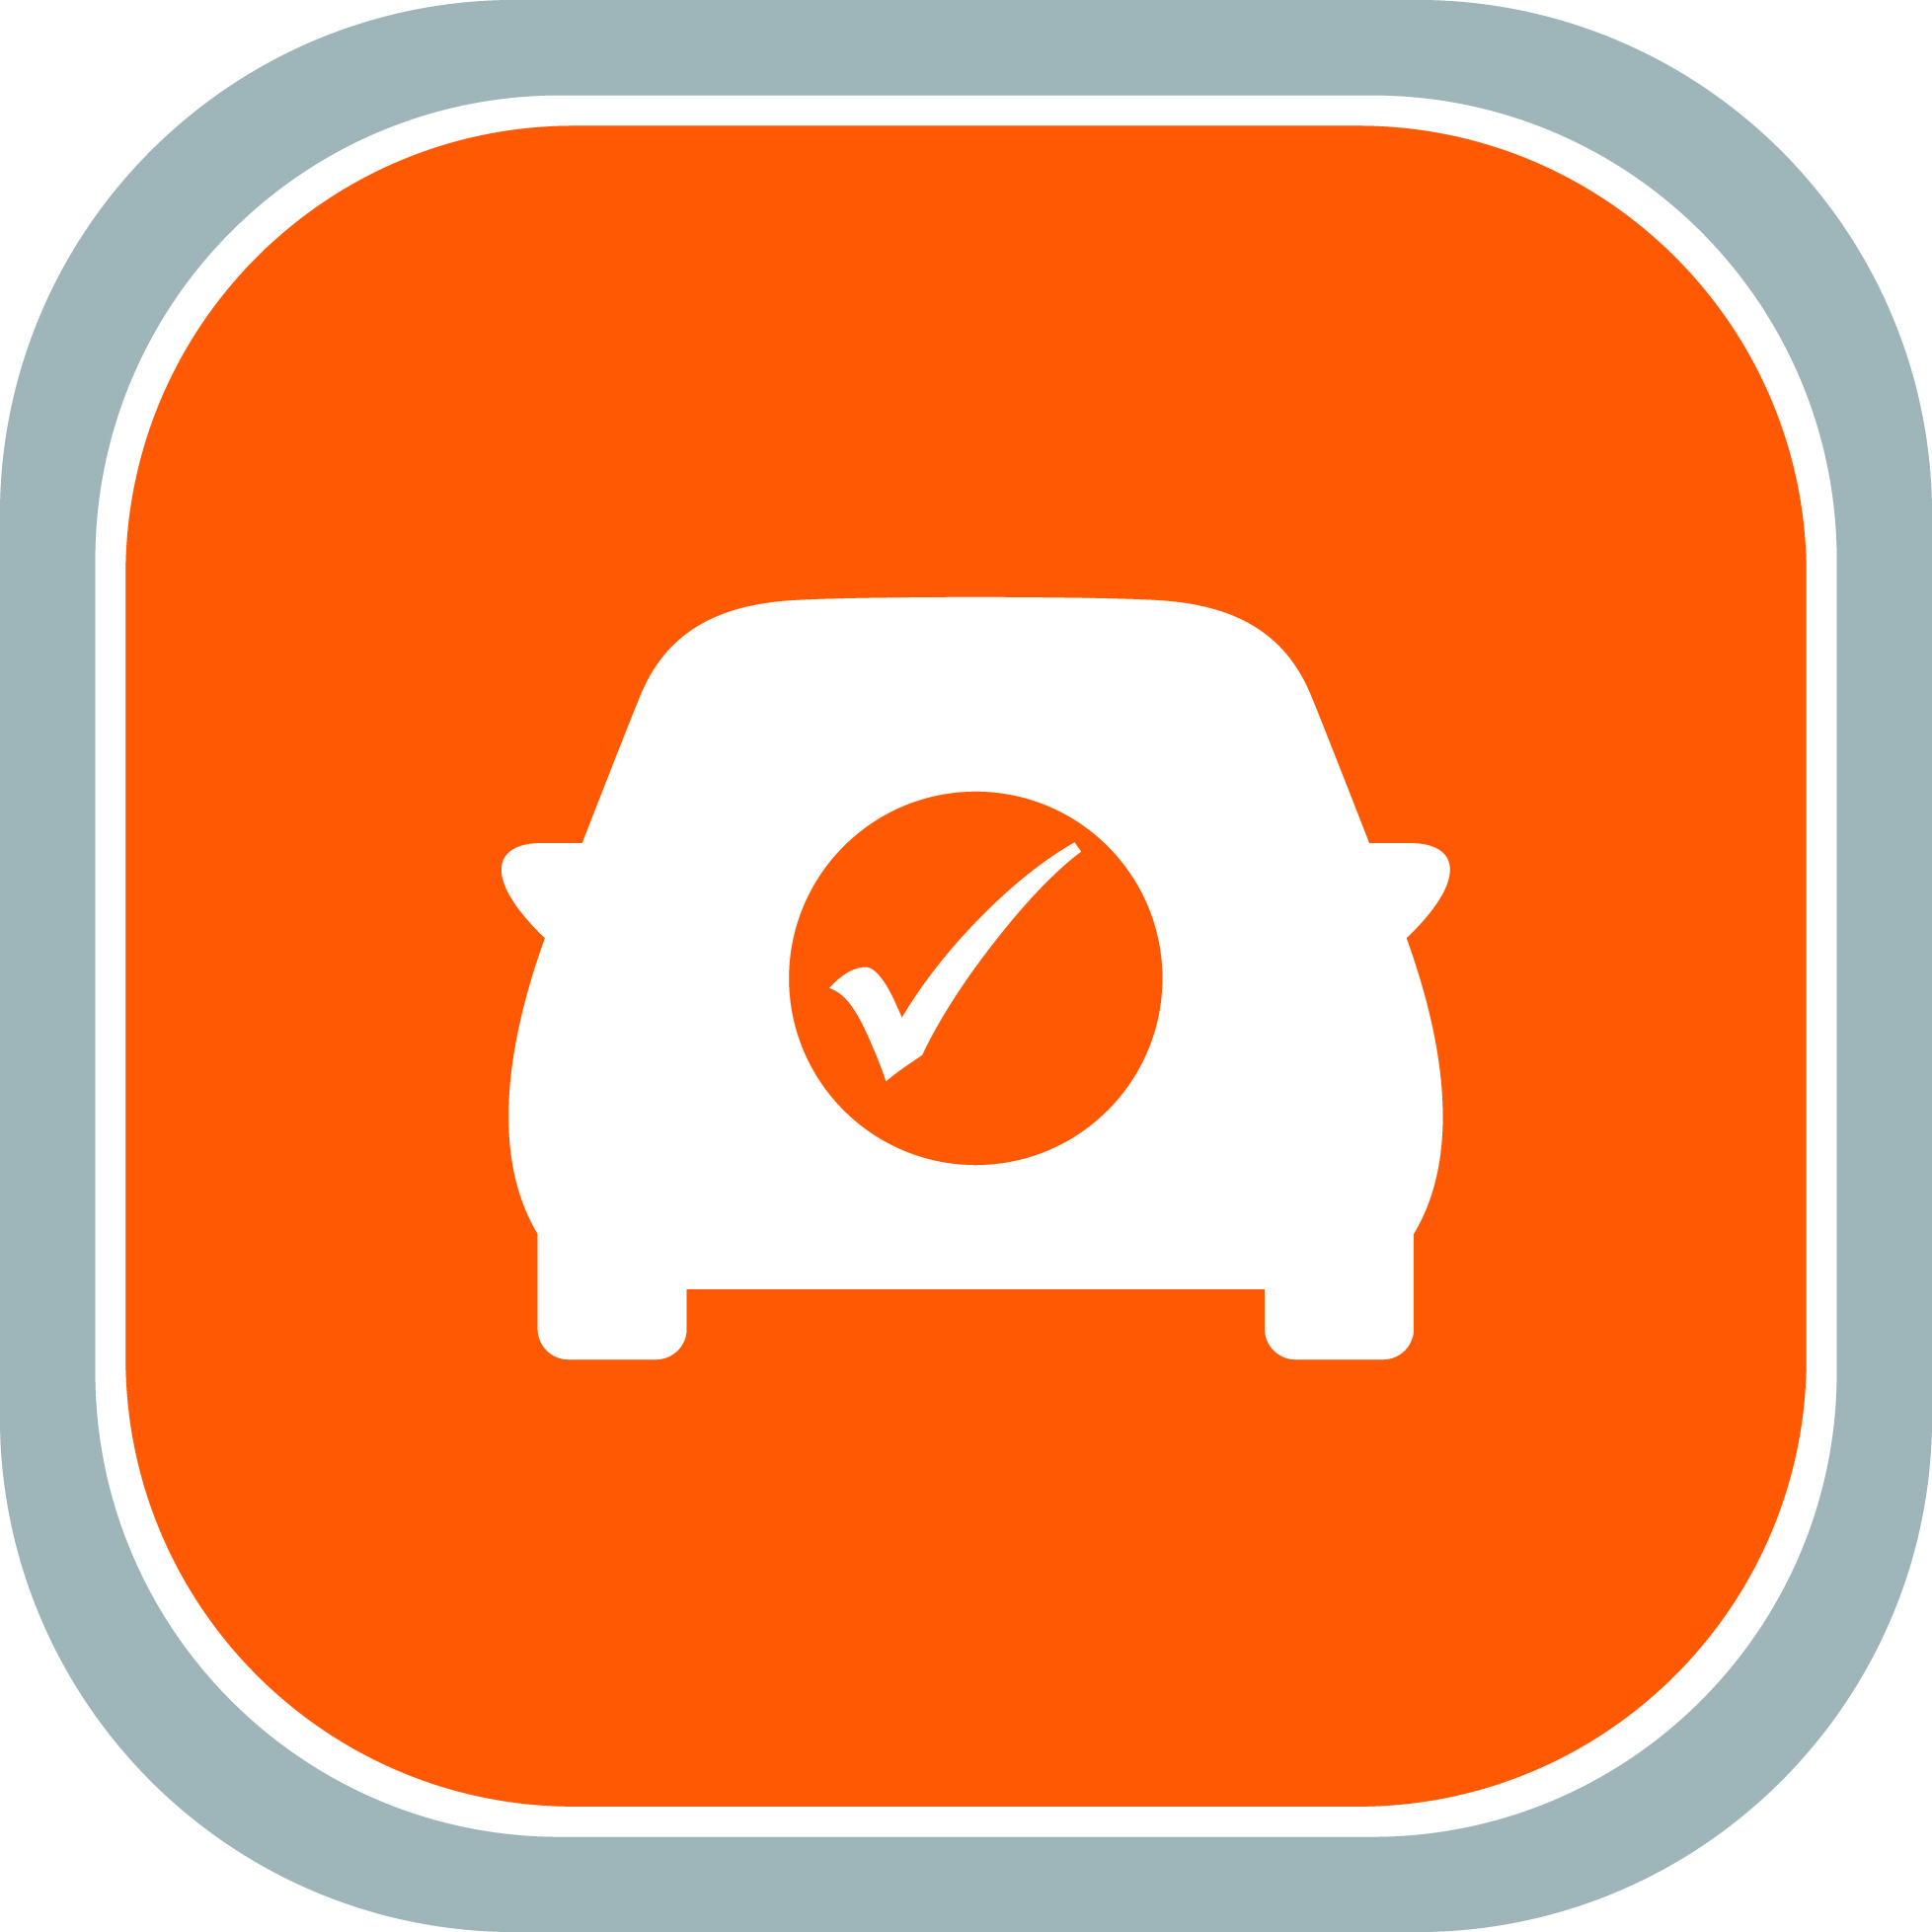 Ekologická řešení logo